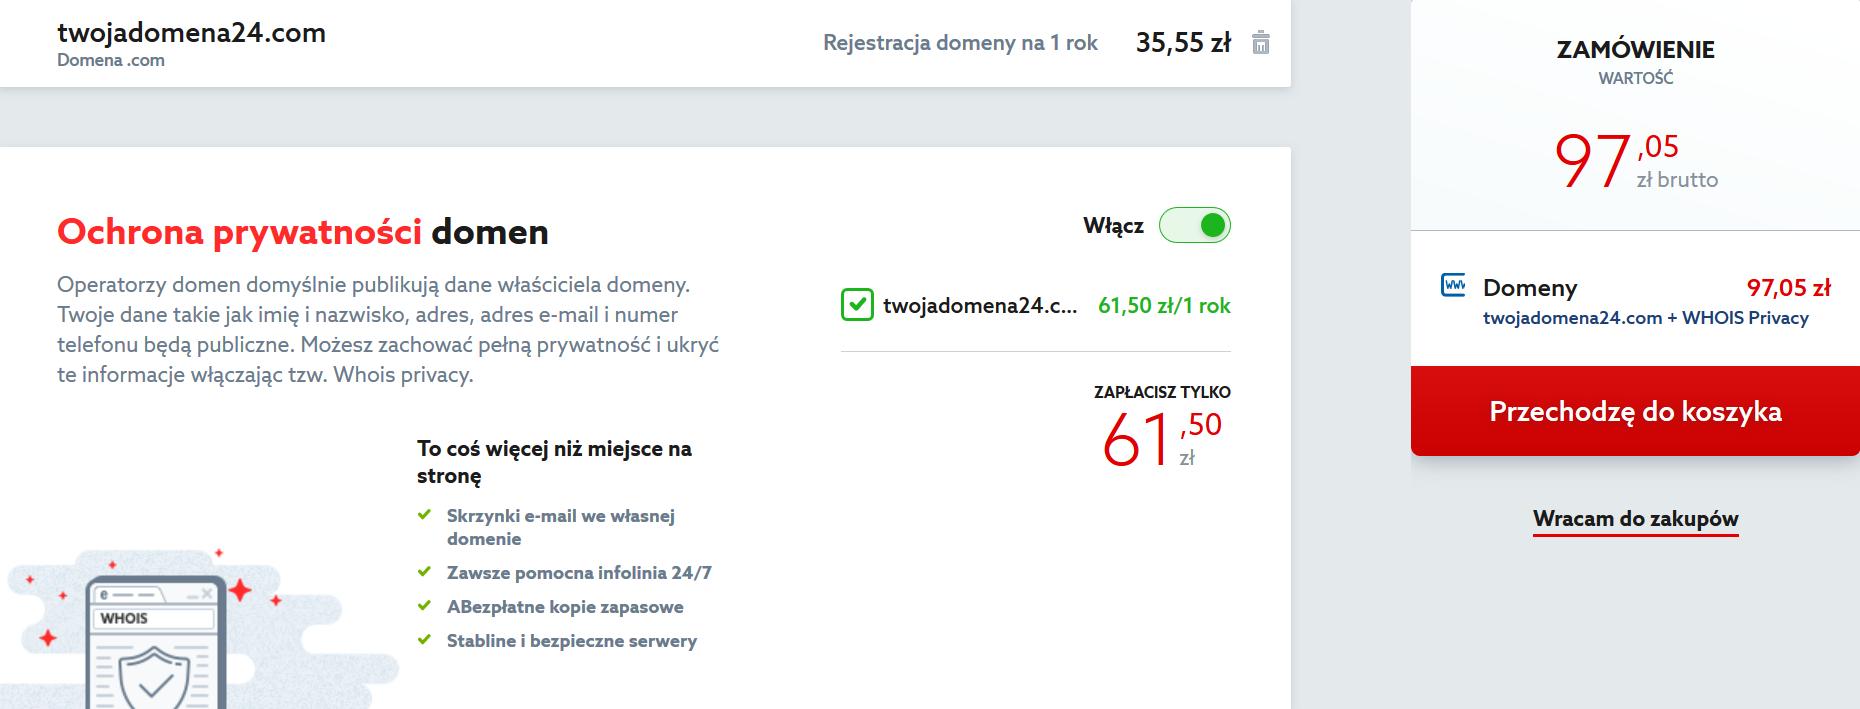 Domeny w home.pl - Wyszukiwarka wolnych nazw domen - Wybrana domena - Do koszyka - Wyłącz lub włącz dodatkową usługę: Ochrona prywatności dla domeny globalnej